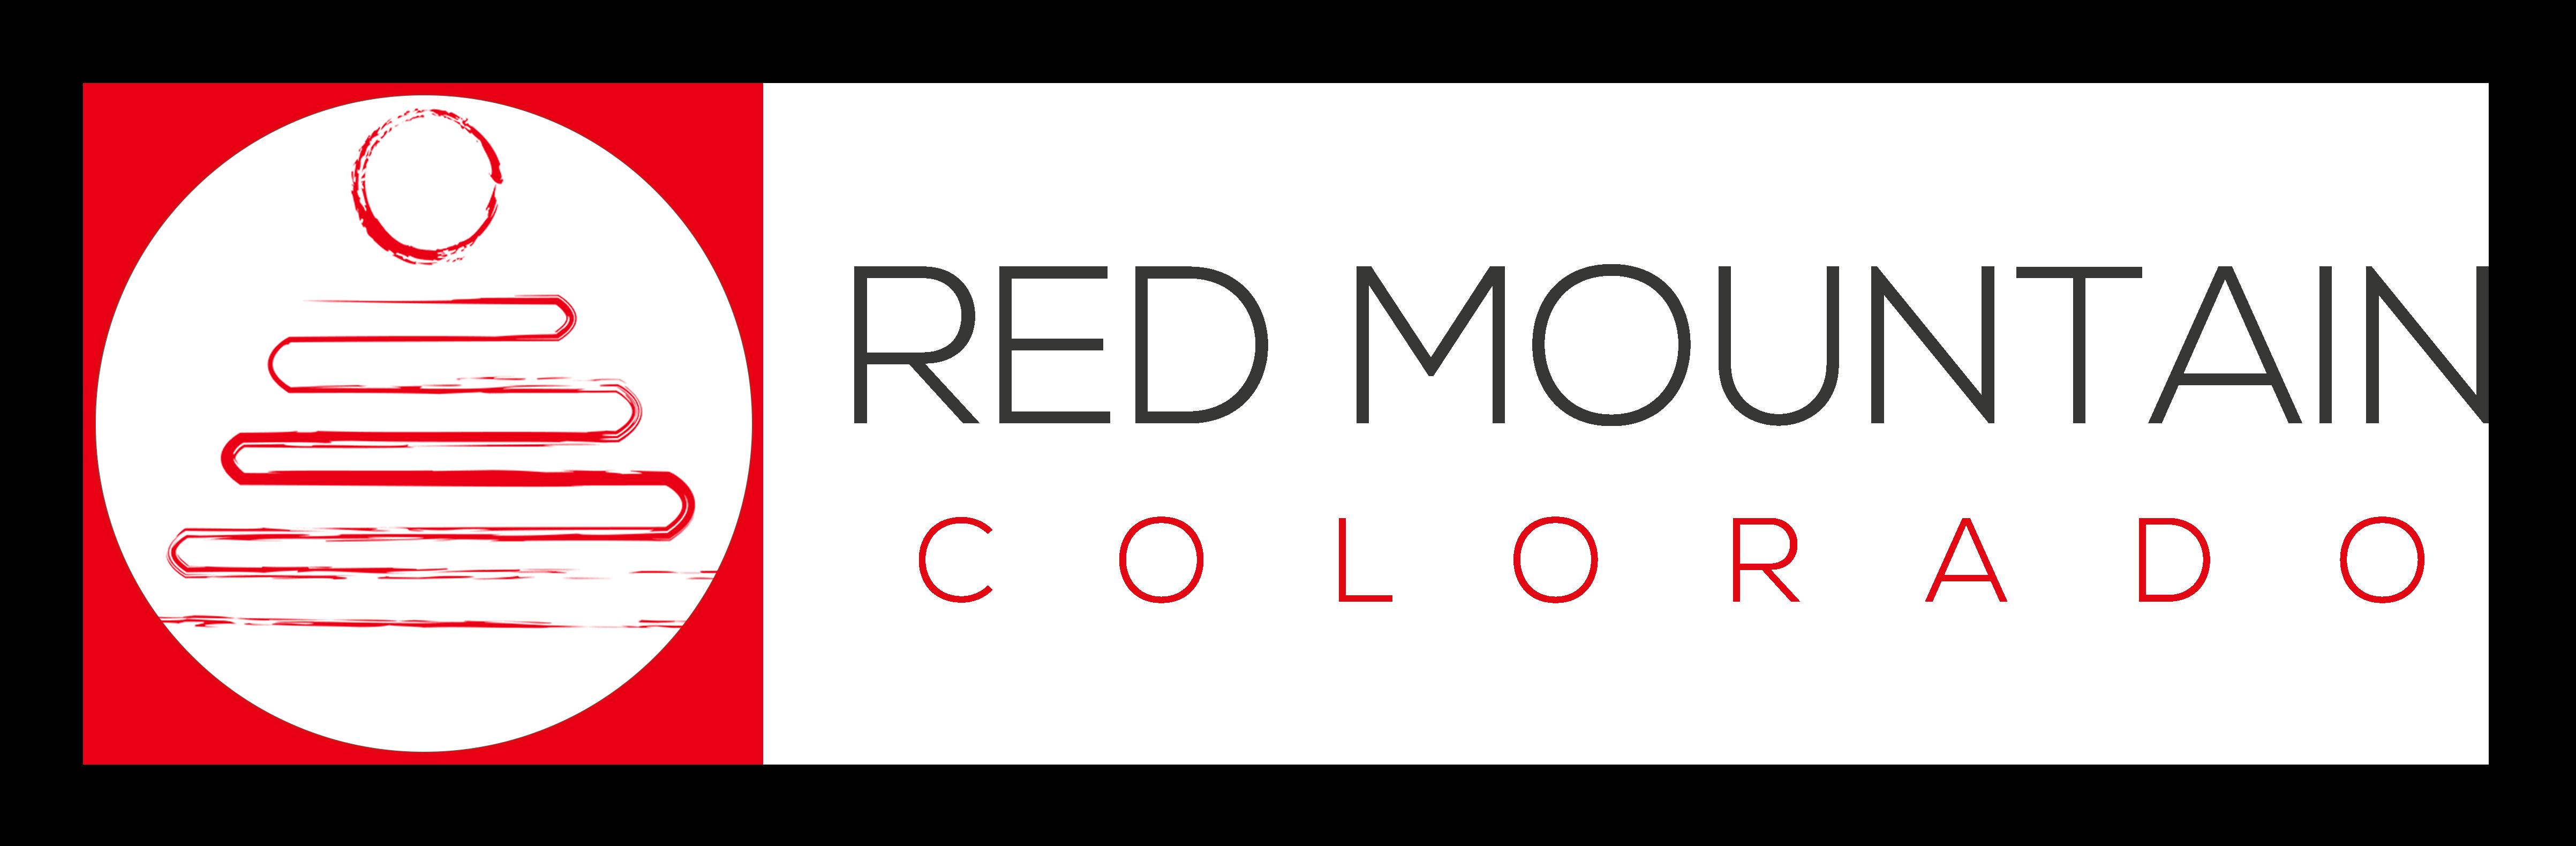 Red Mountain Colorado logo